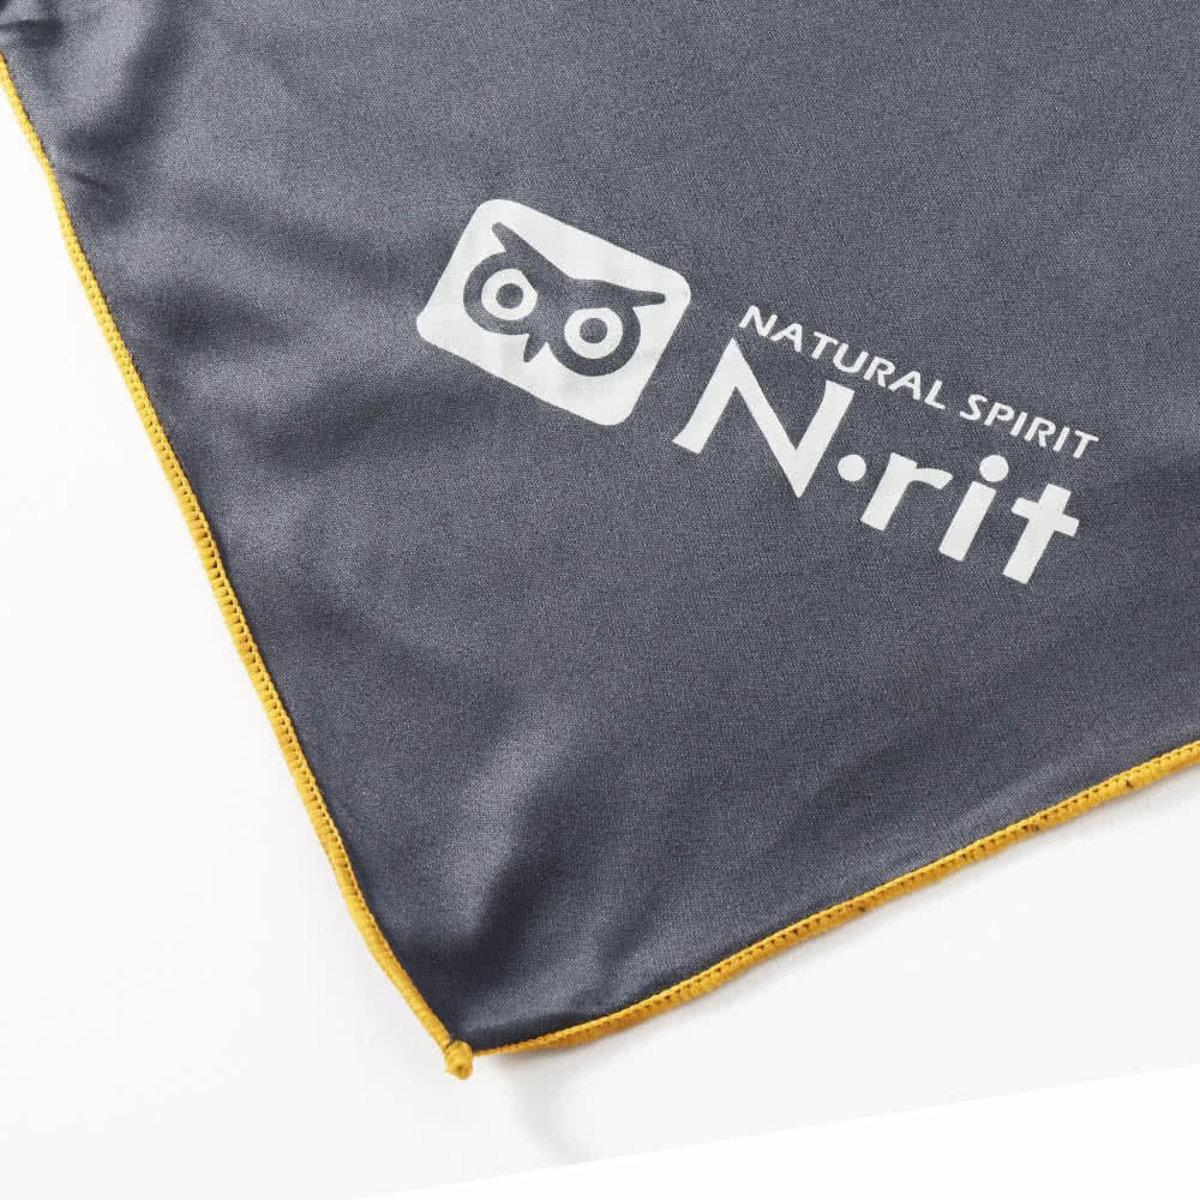 韓國製超輕防菌吸水快乾毛巾 - Super Light Towel XL d. or l. grey